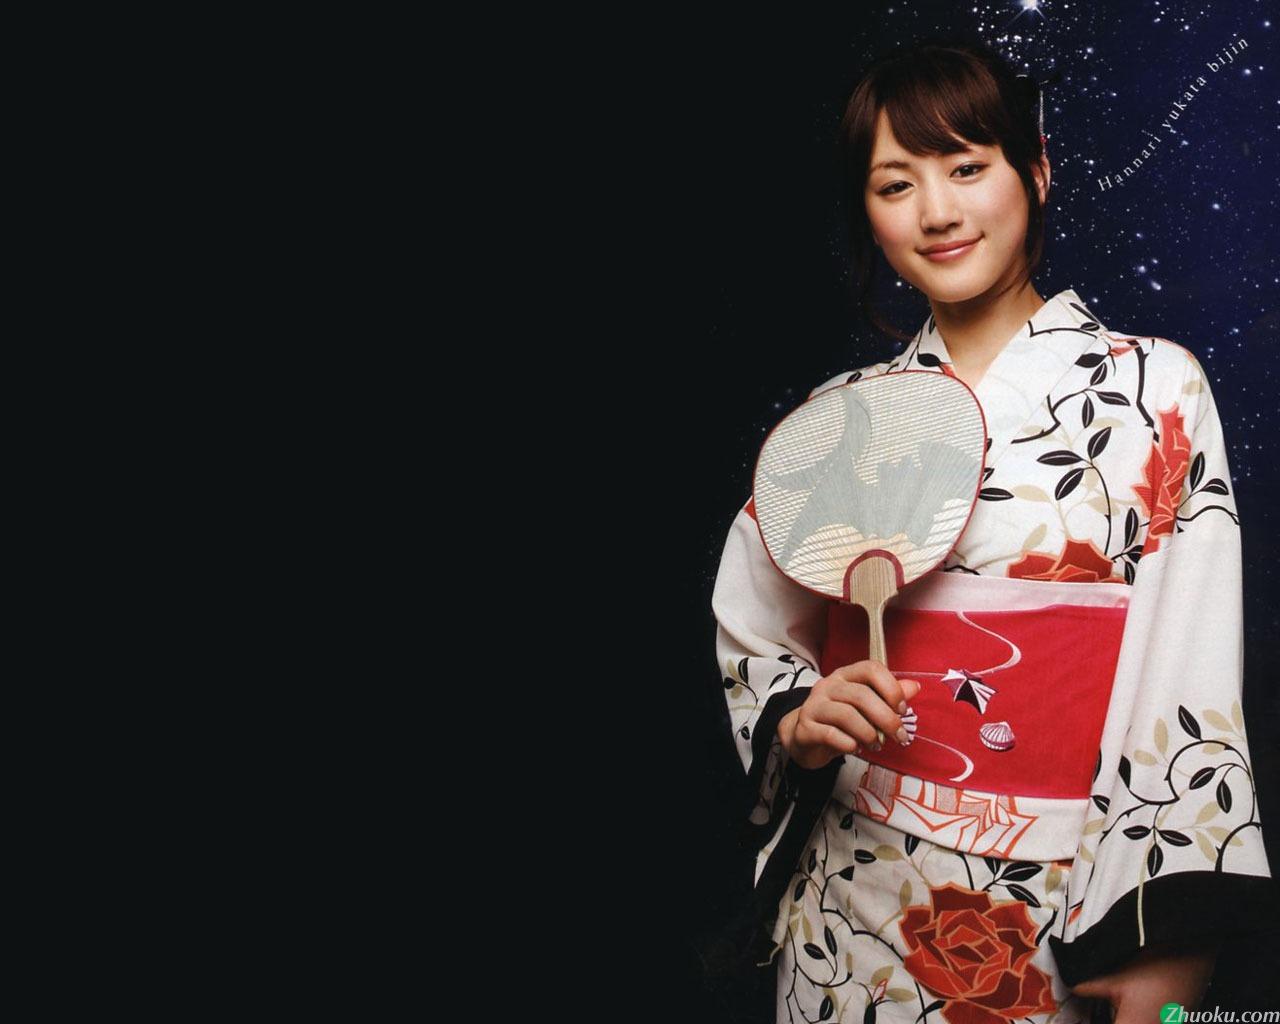 日本性感评选想收为妹妹的女艺人新垣结衣最孔雪儿照男性图片